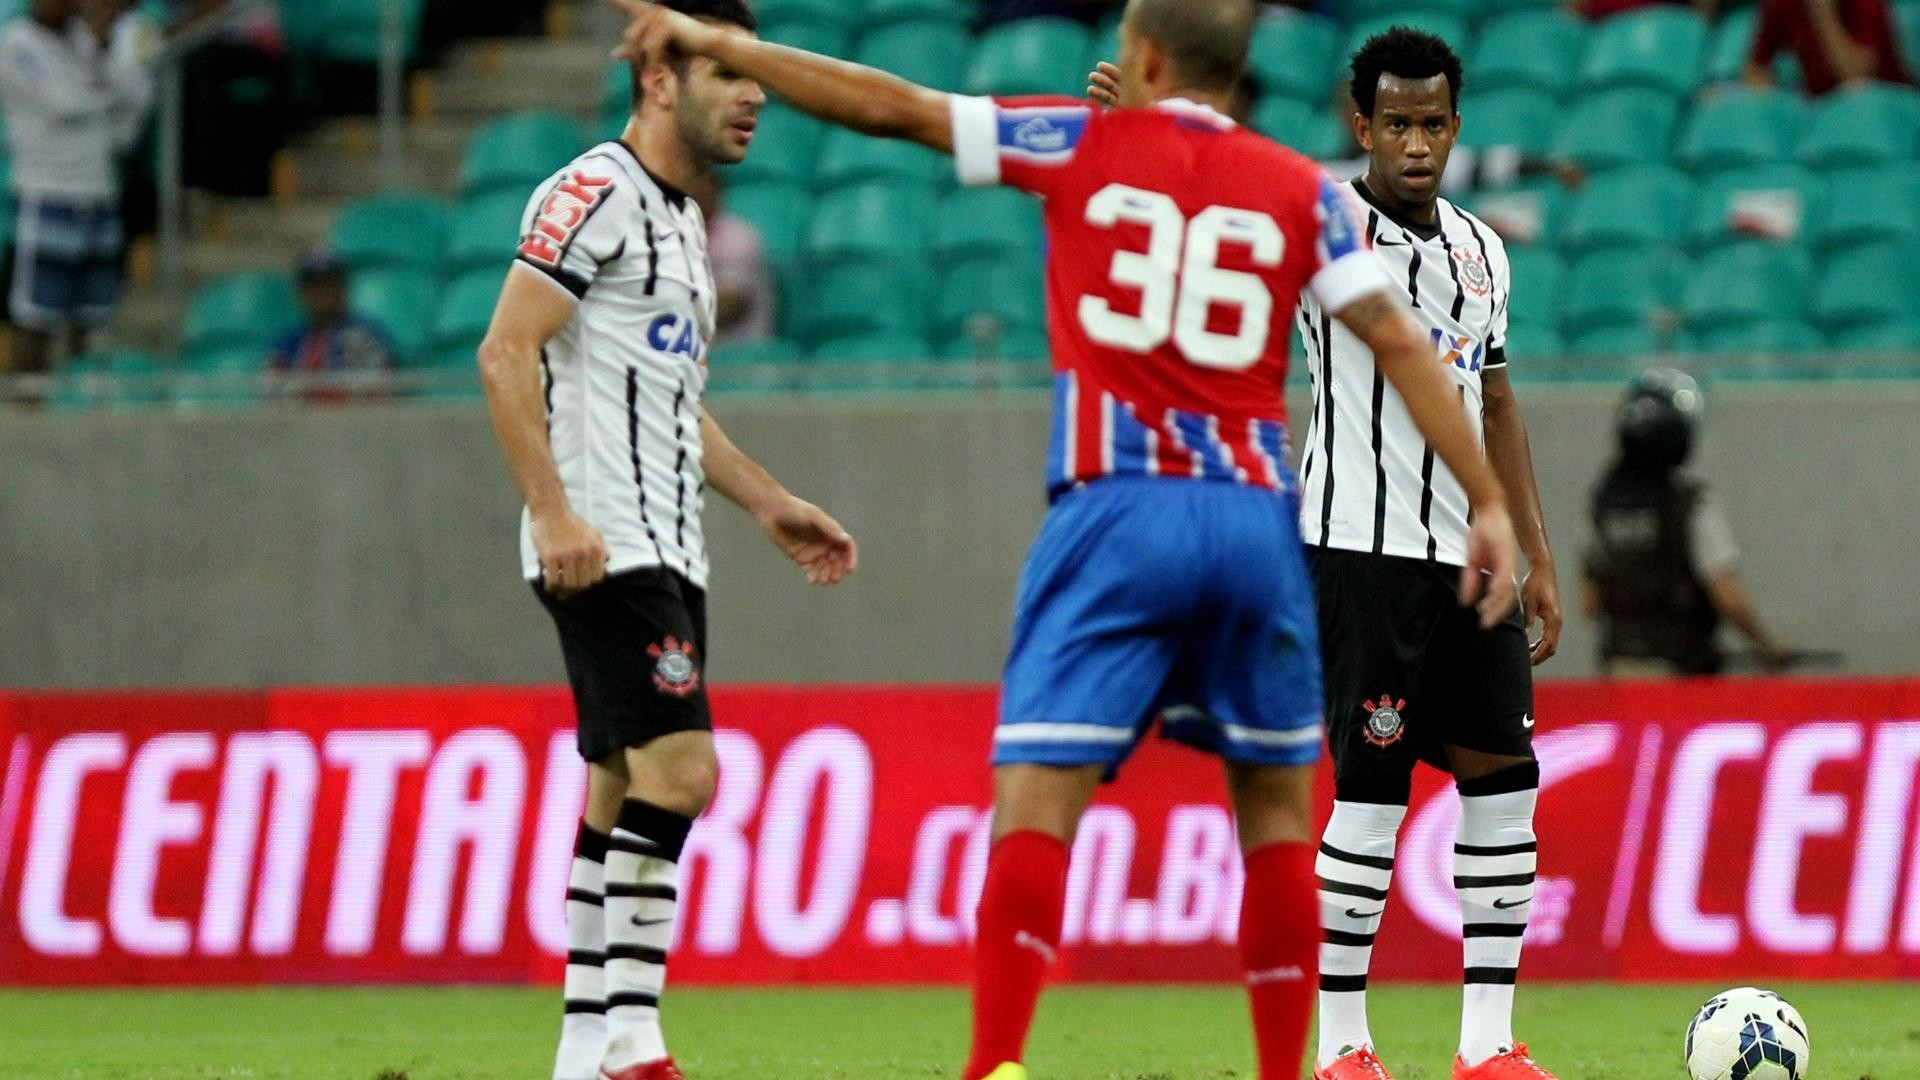 Léo Gago orienta time do Bahia antes da cobrança de falta do Corinthians pela Copa do Brasil